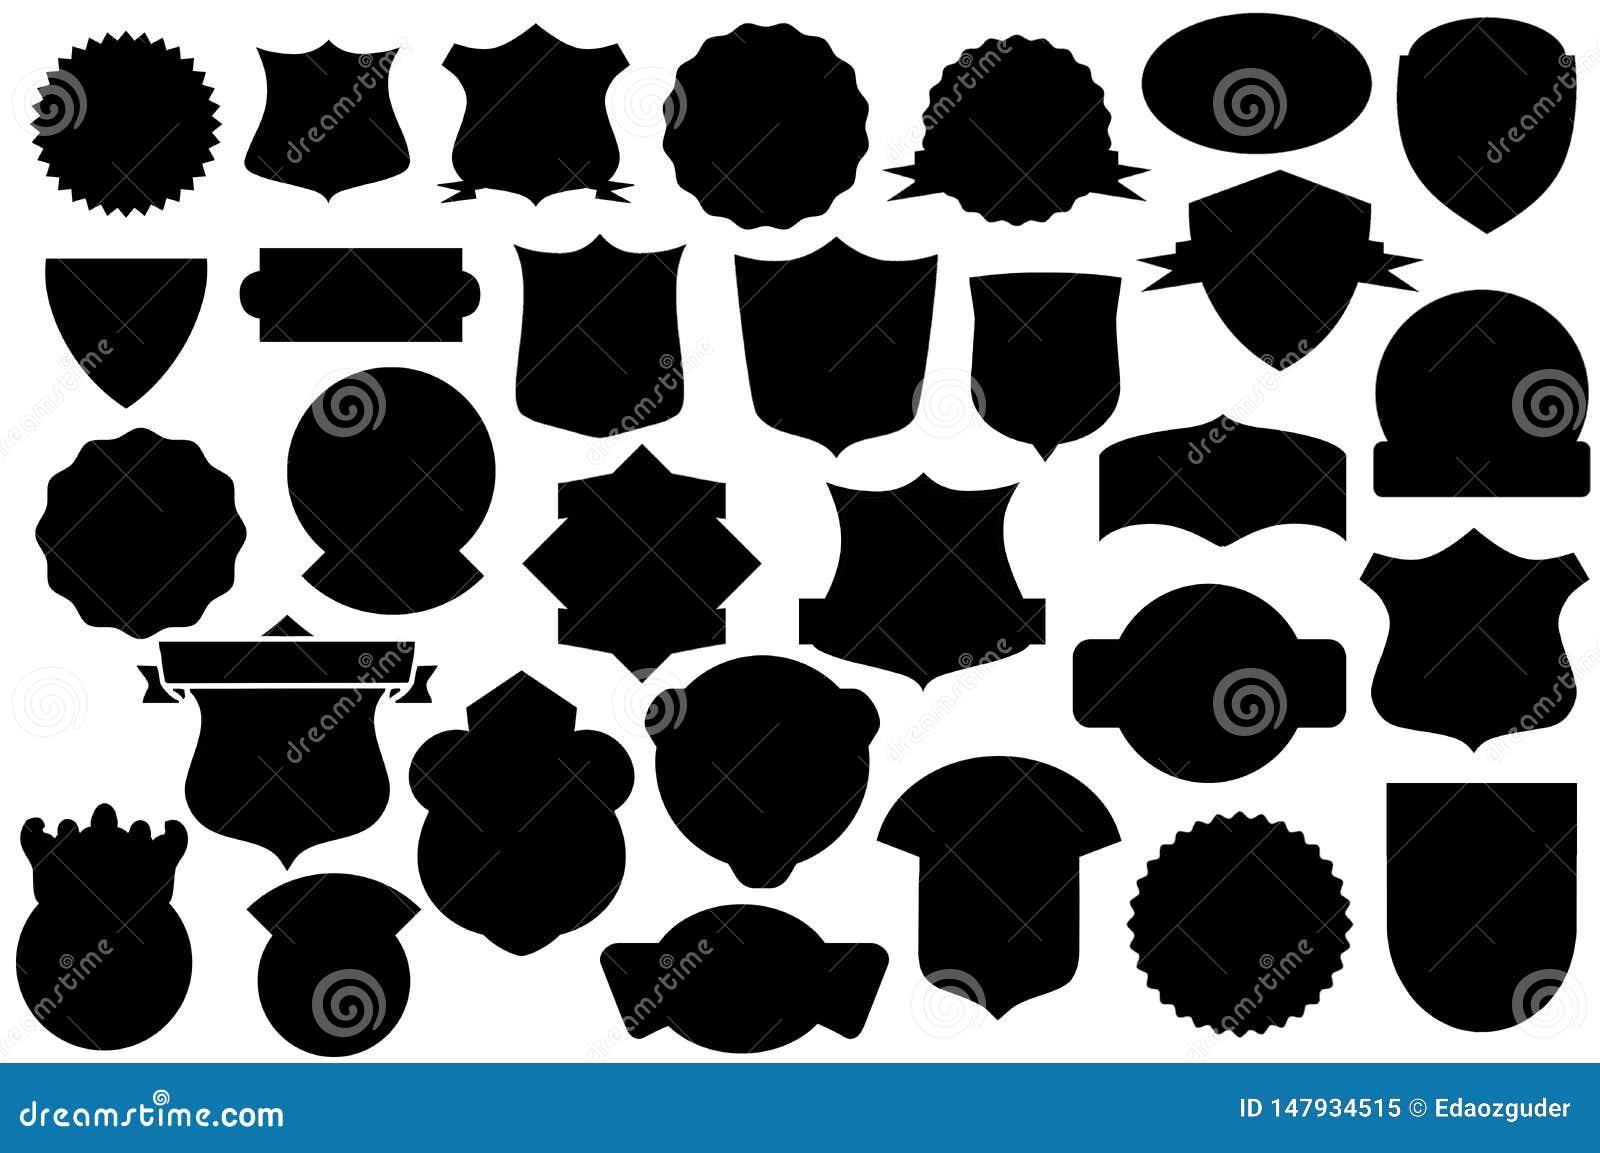 Boucliers noirs ensemble, modèle de bouclier